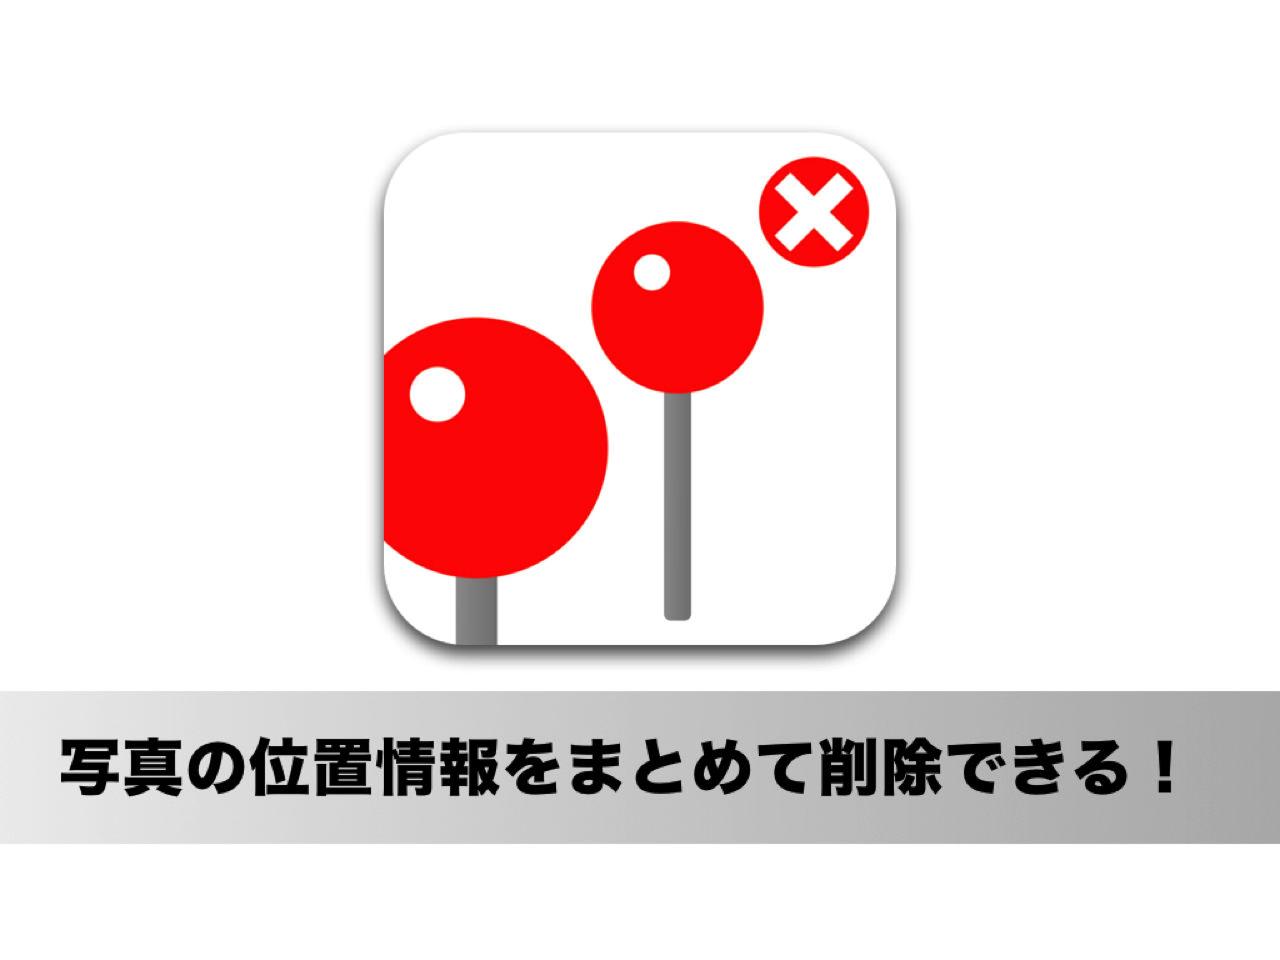 写真のジオタグ(位置情報)を複数まとめて削除できるiPhoneアプリ「GTRemover」